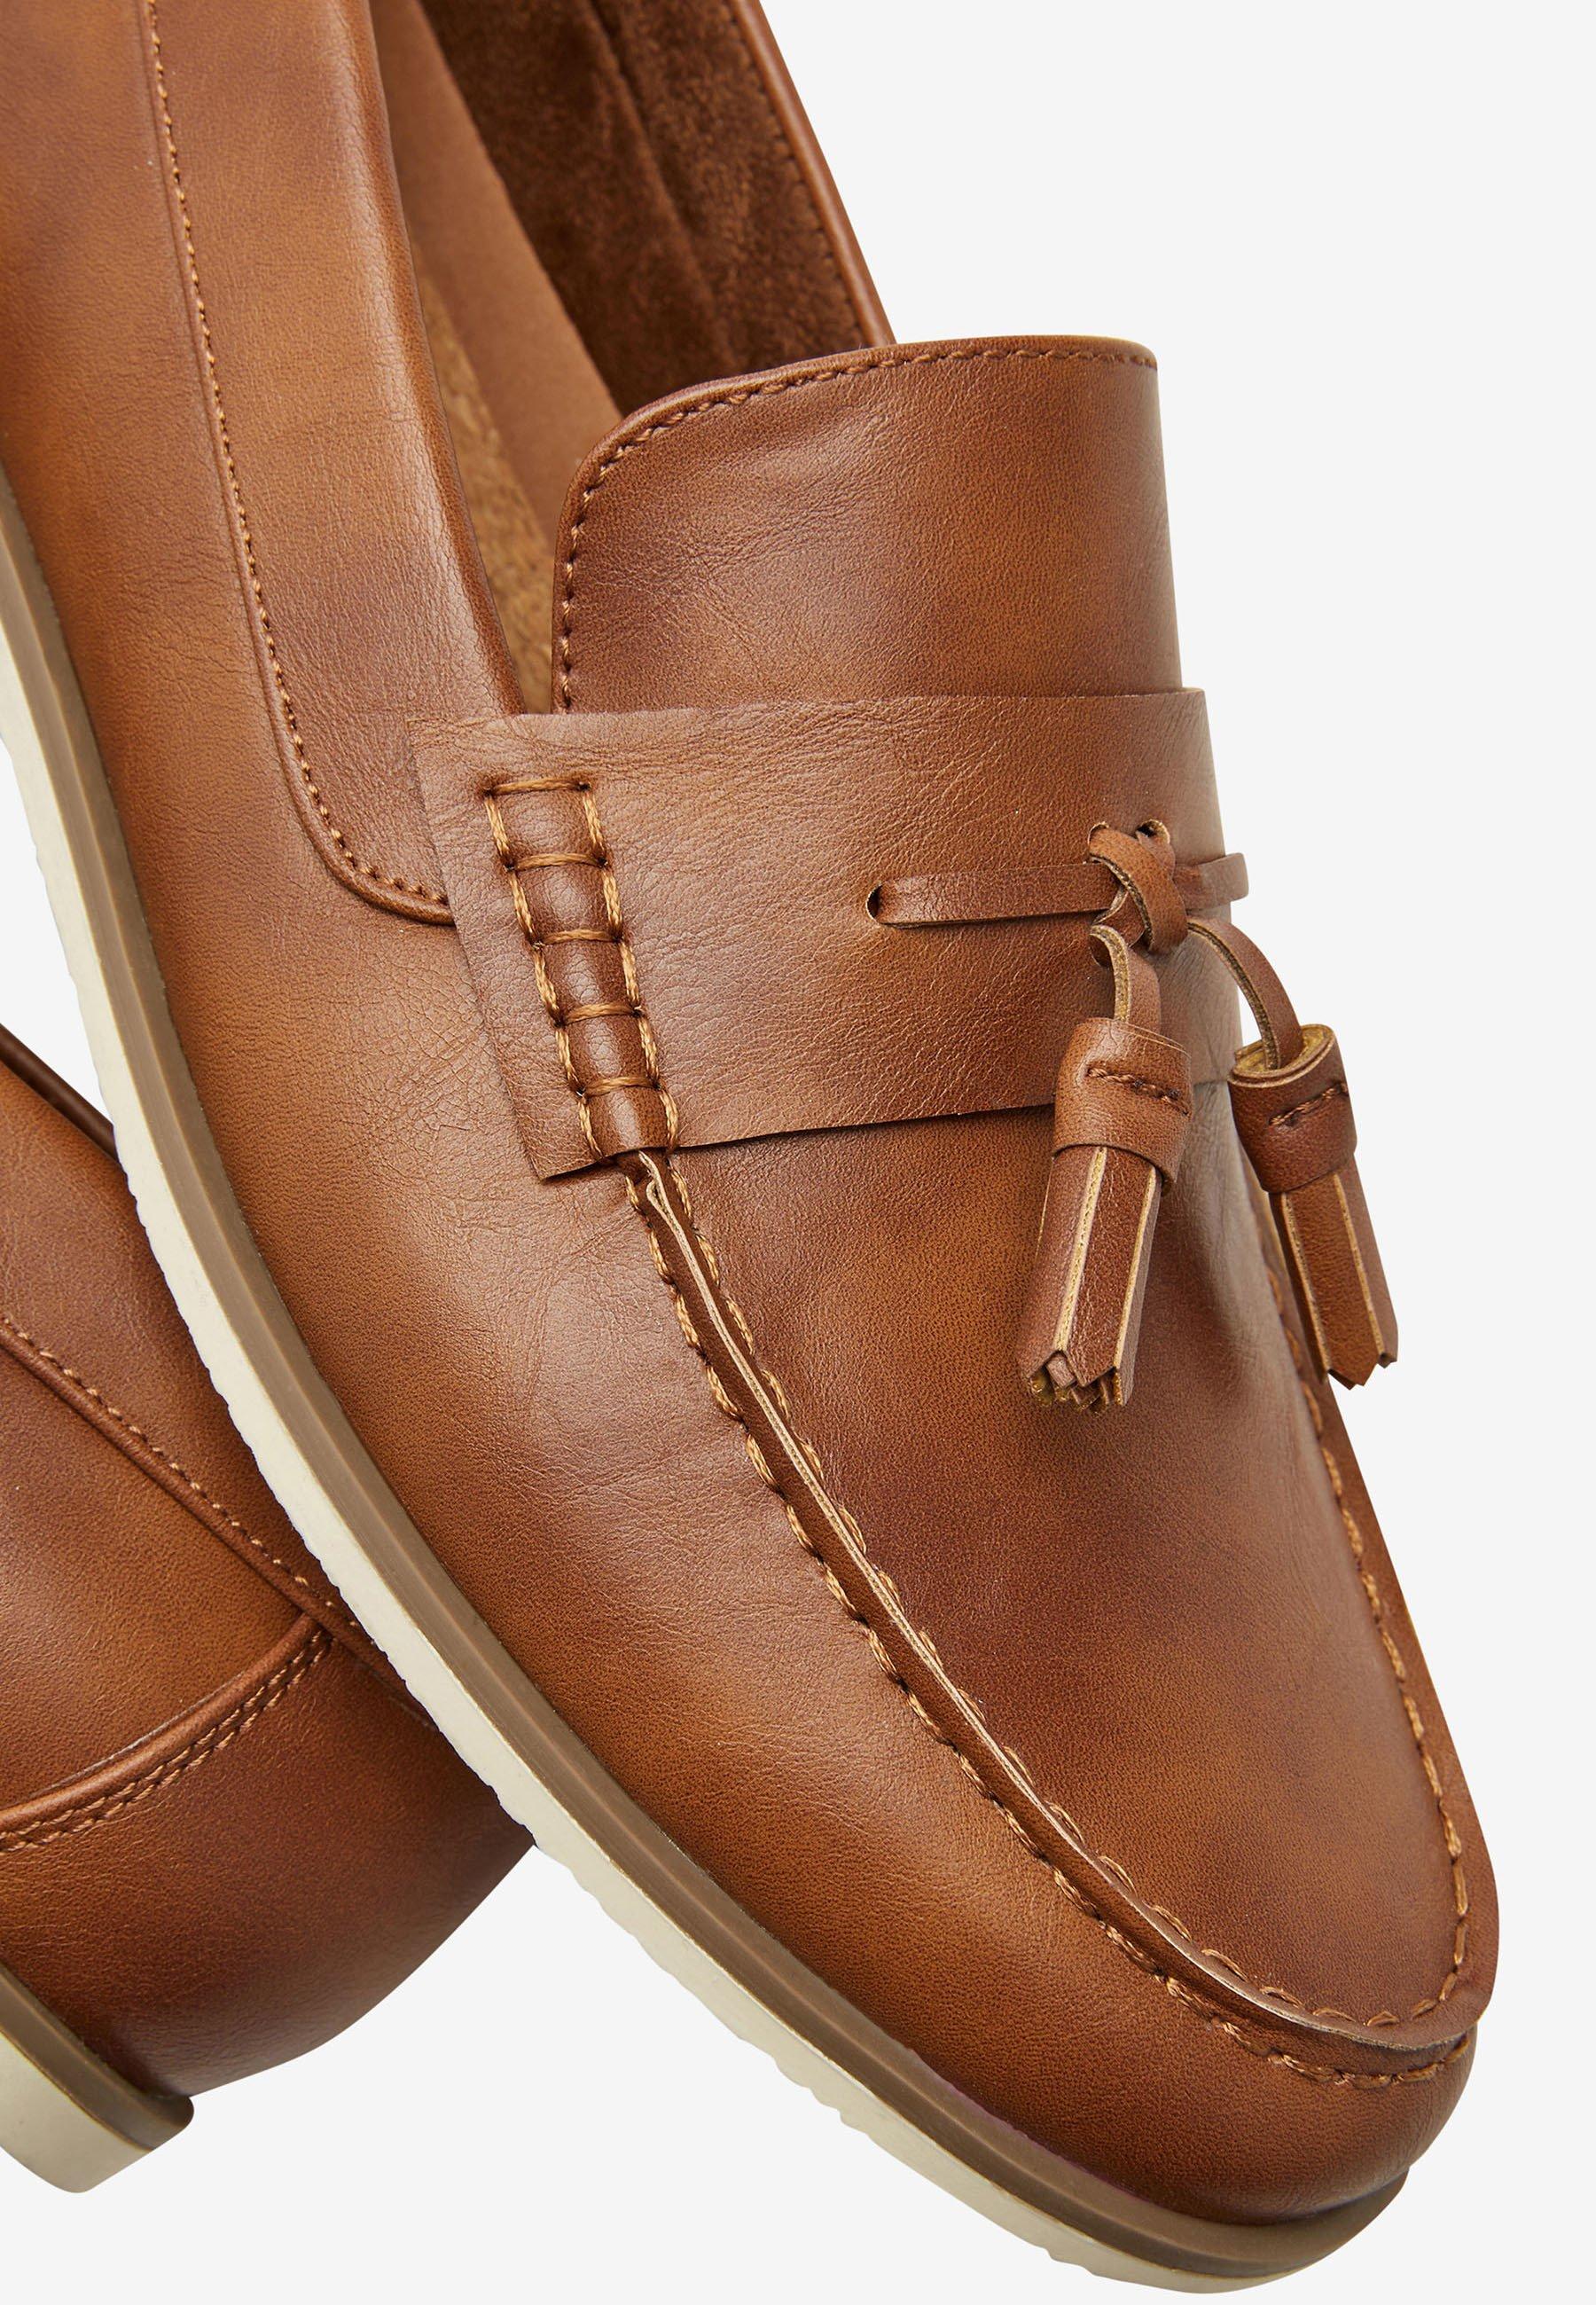 Next Mockasiner - mottled brown/brunmelerad - Herrskor 0P70r